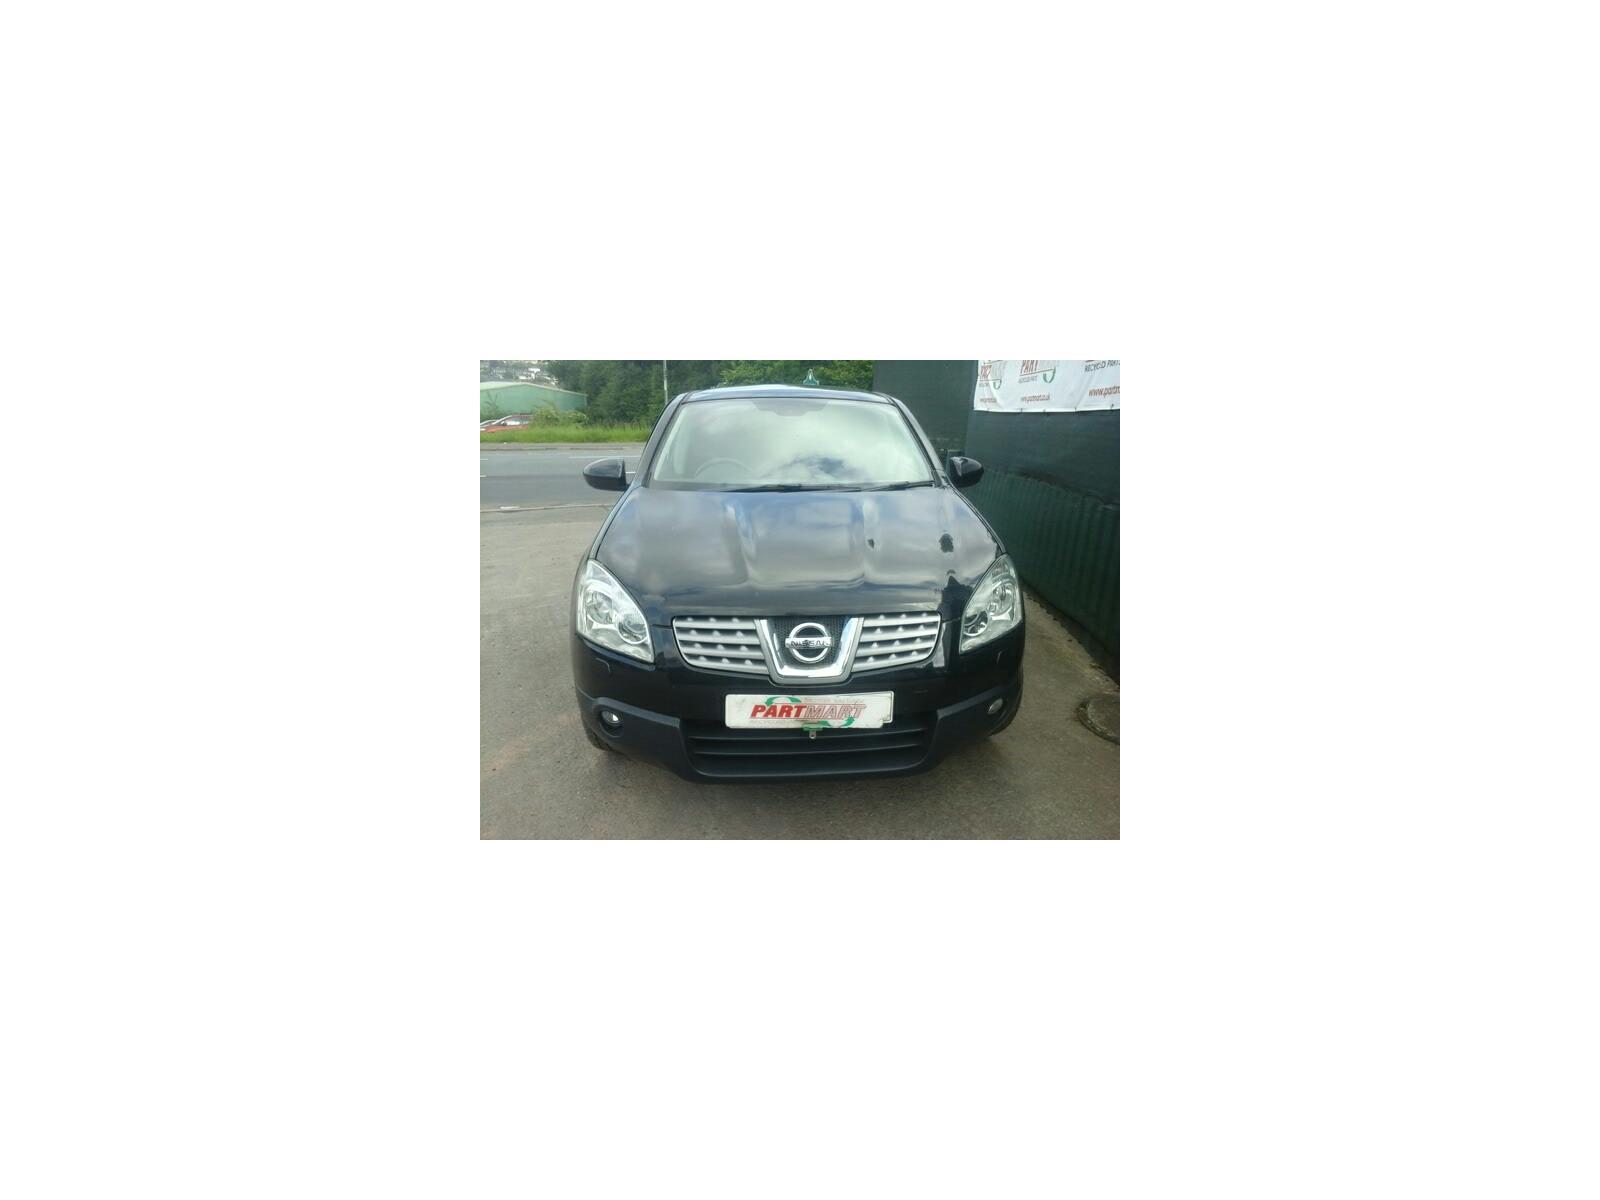 2009 Nissan Qashqai 5 Door Hatchback